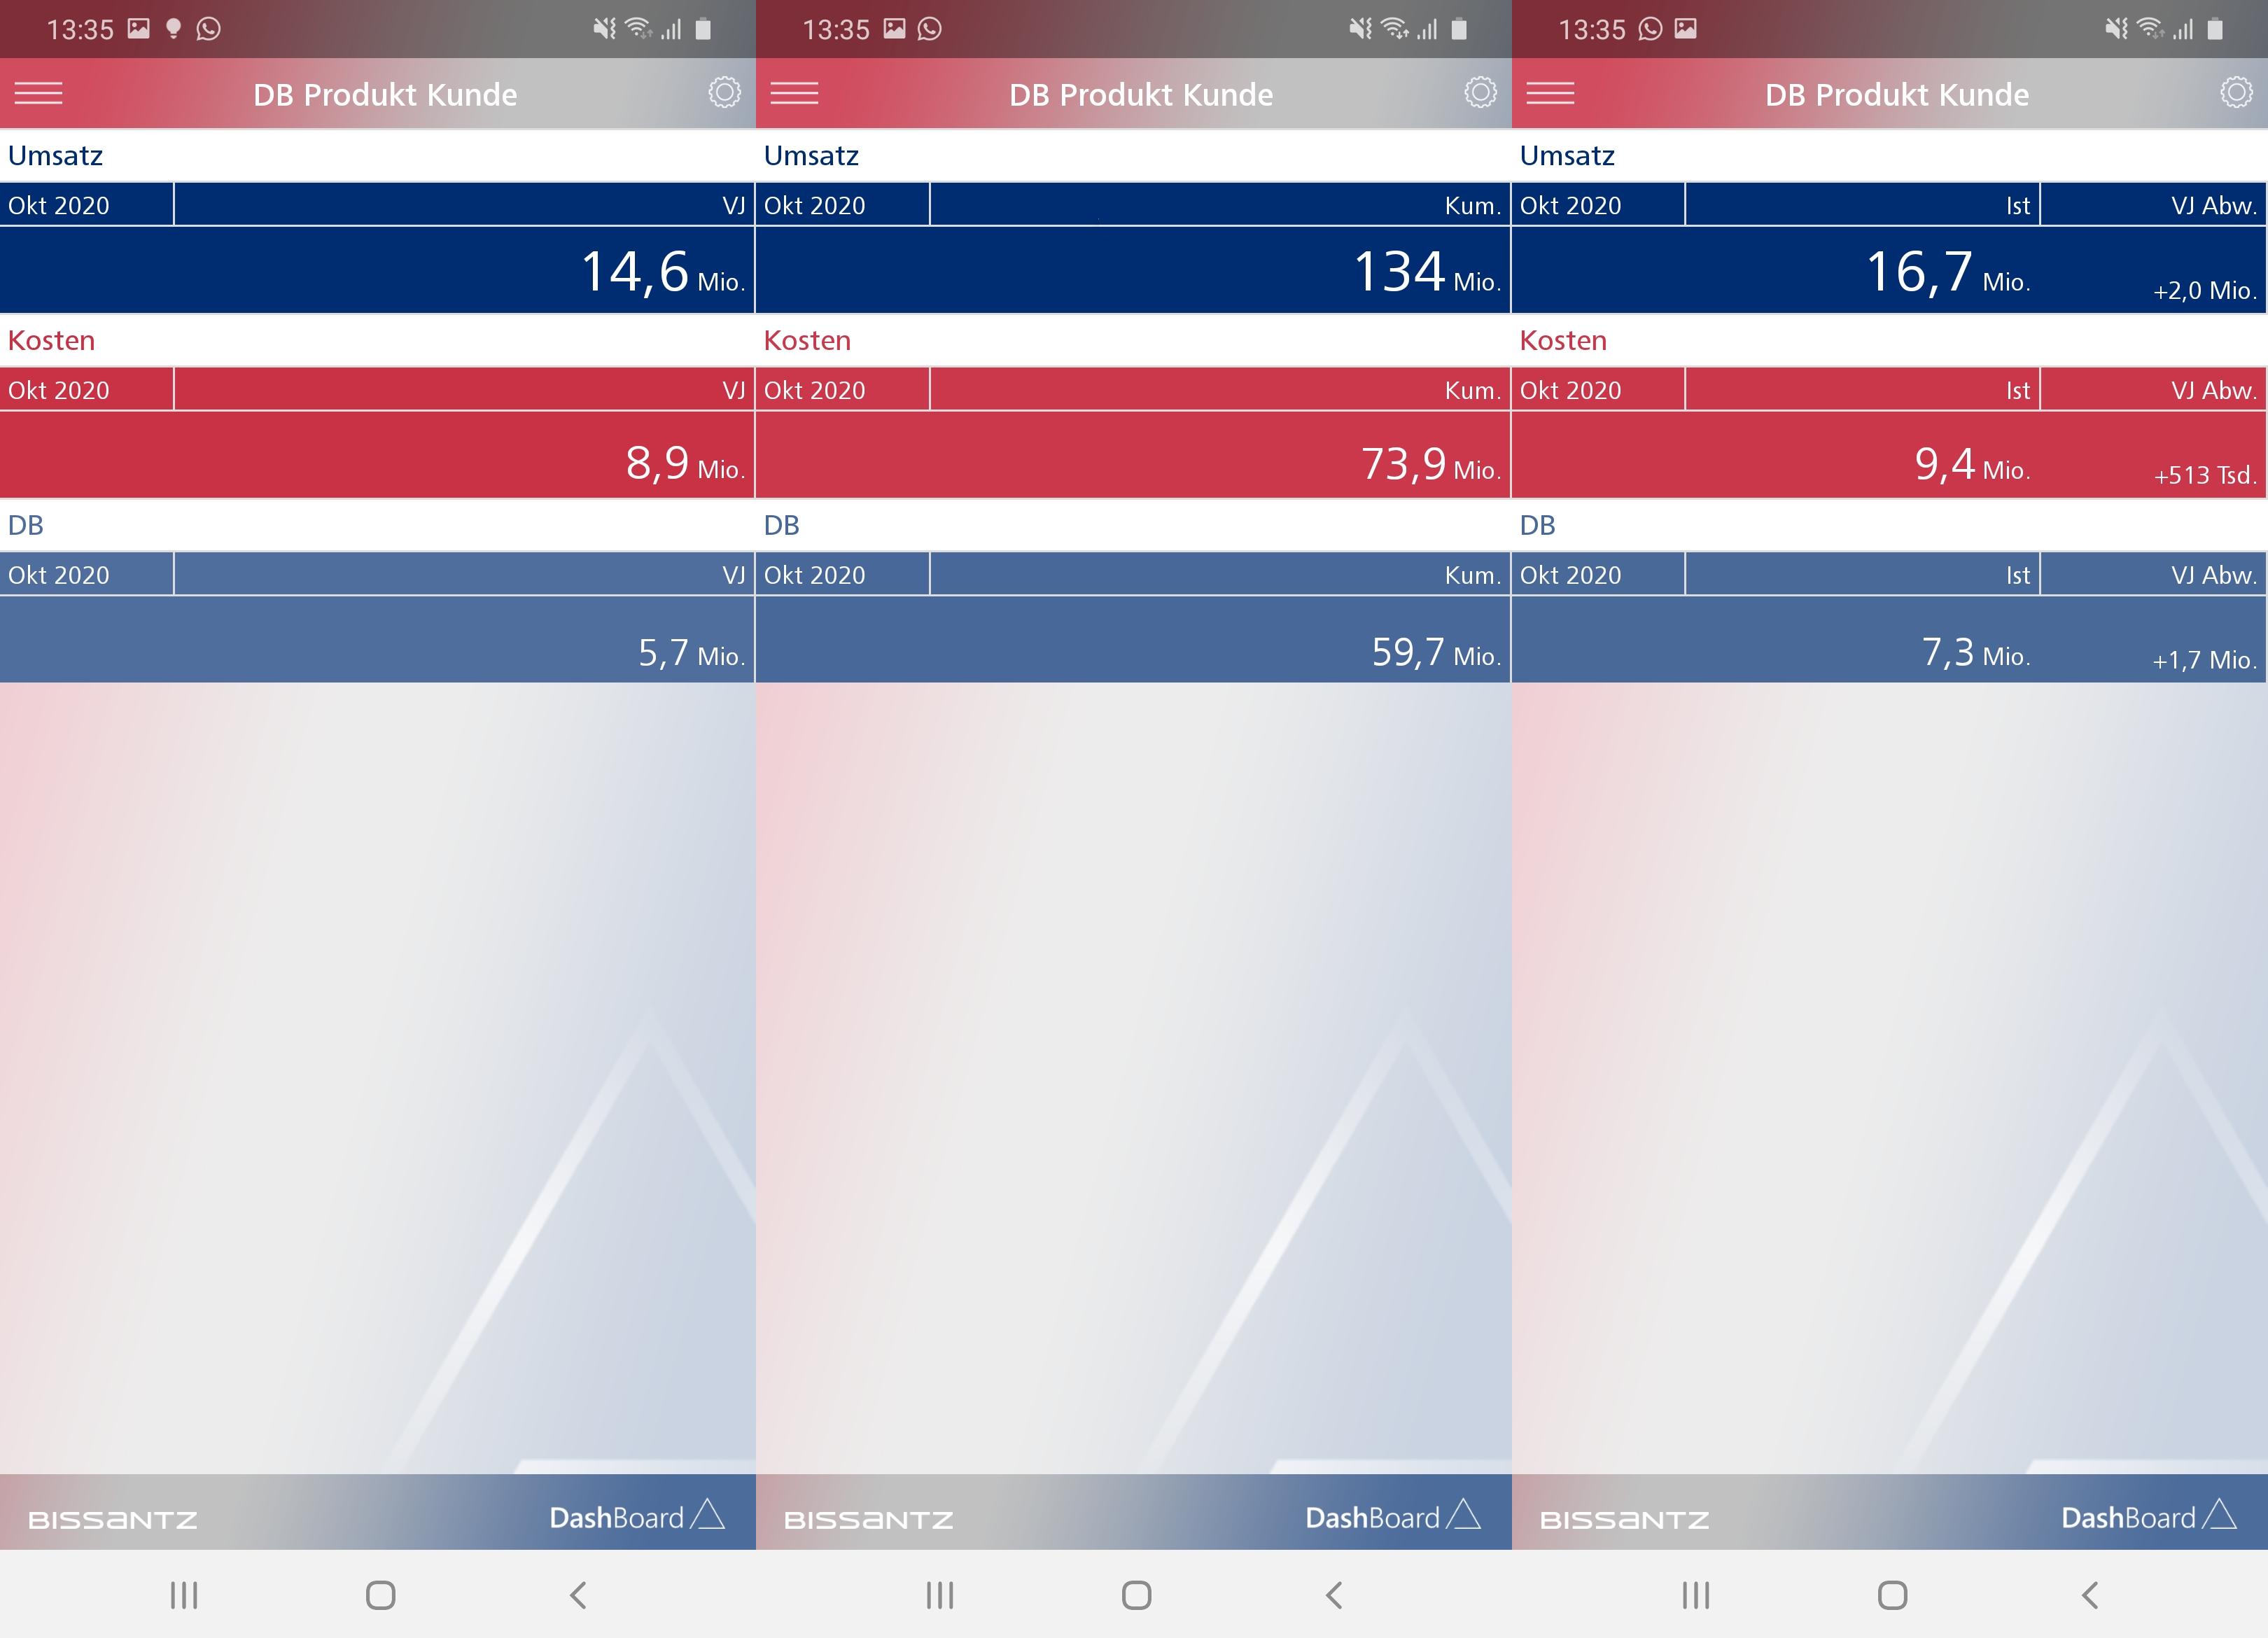 Drei mögliche Grundansichten in unserem mobilen Bericht